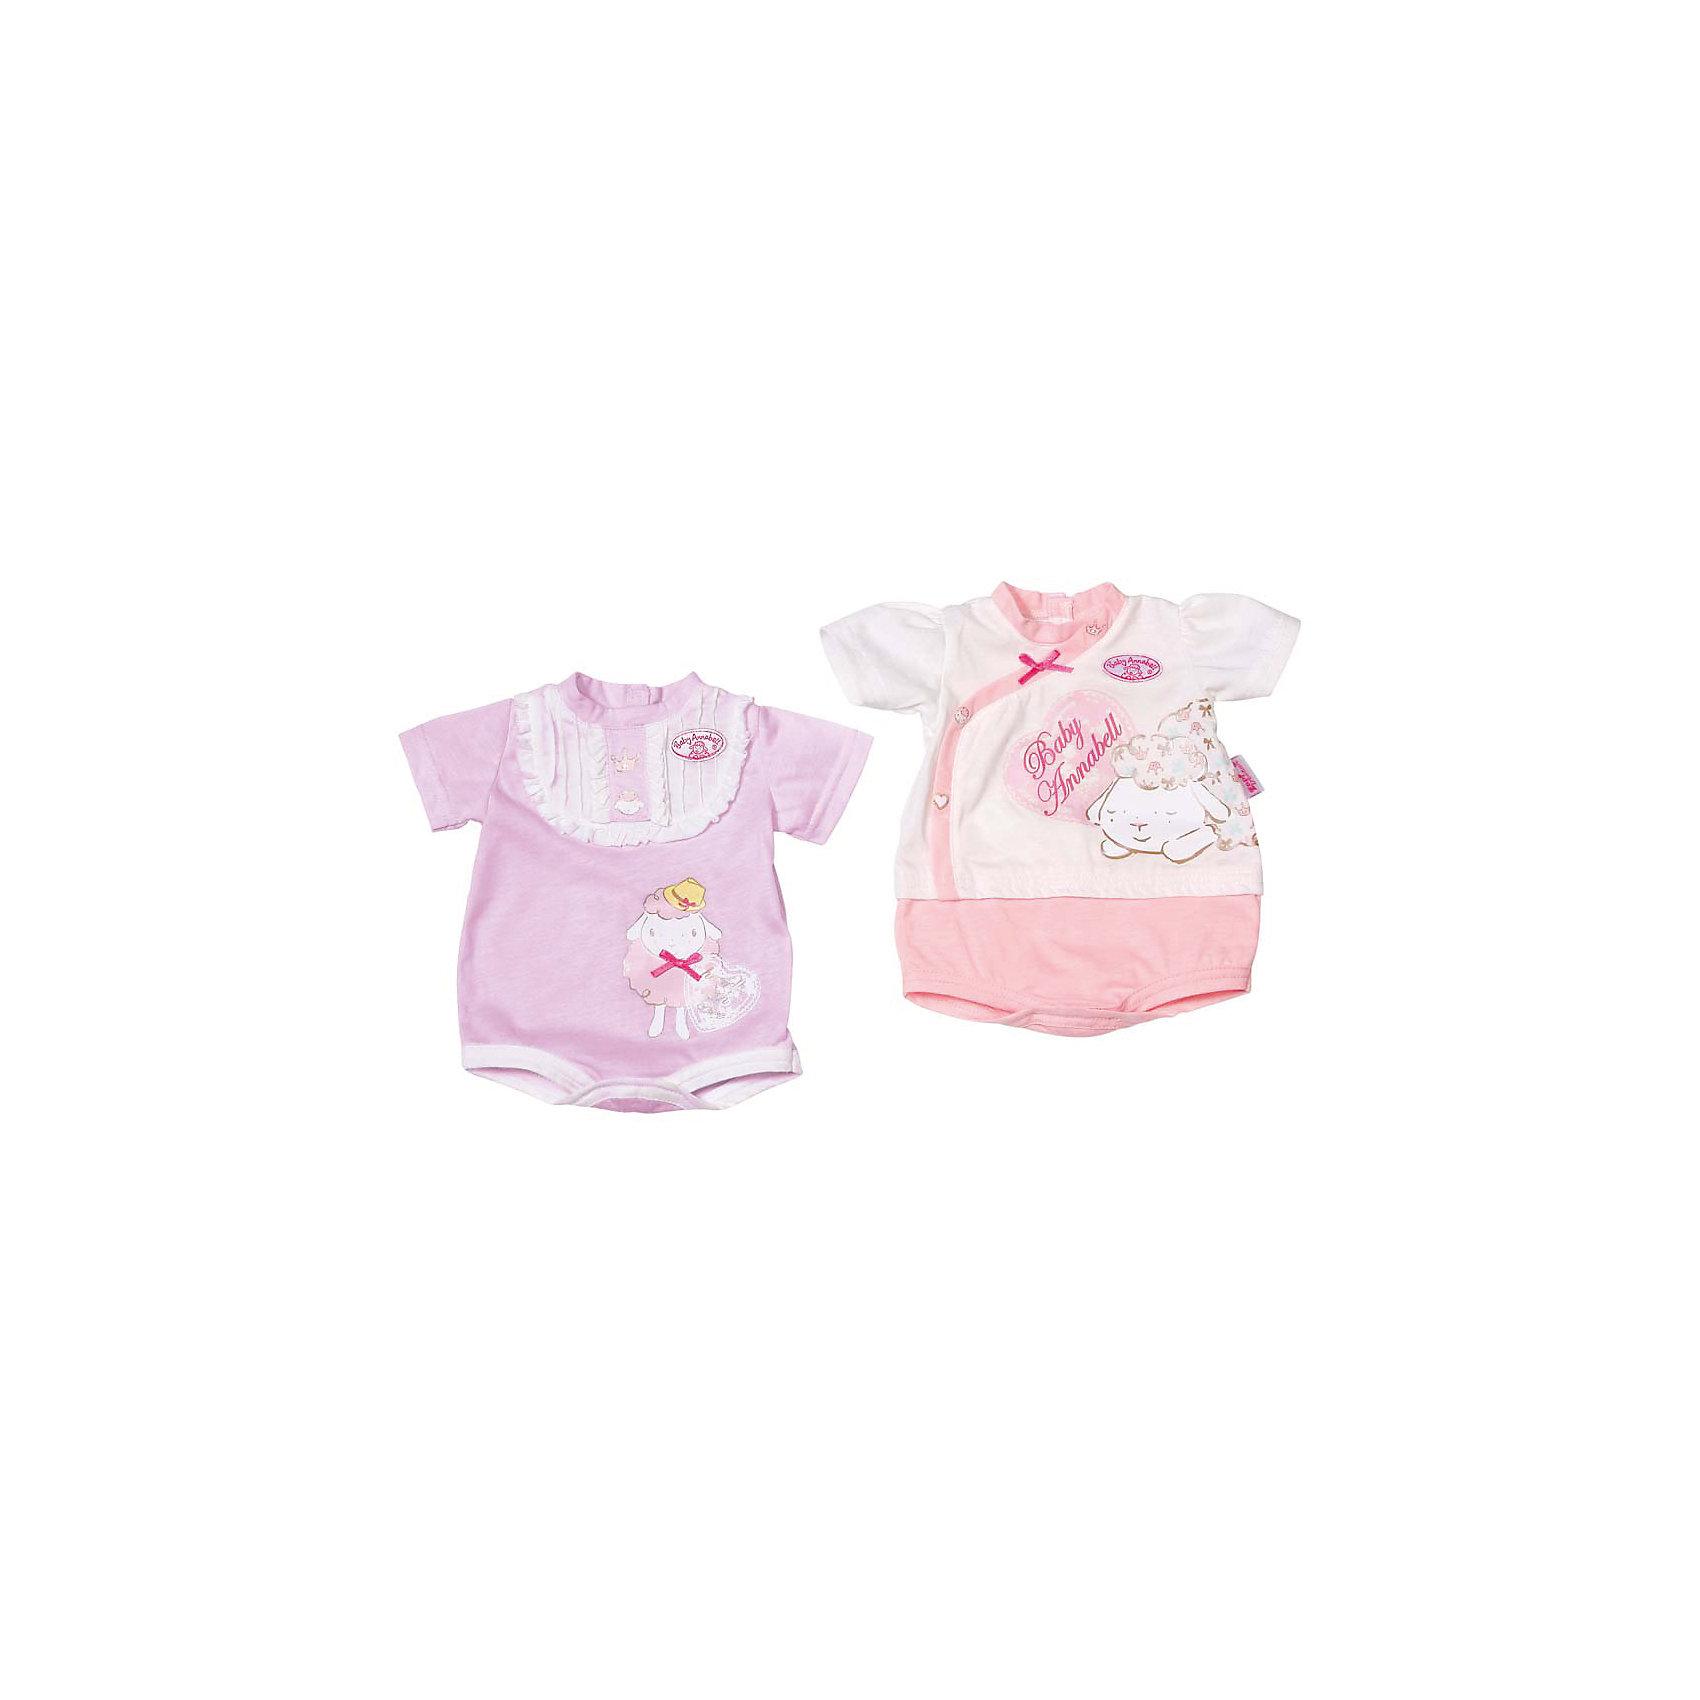 Нижнее белье, белый, Baby AnnabellНижнее белье для куклы Baby Annabell.<br><br>Характеристики комплекта Zapf Creation:<br><br>• вид нижнего белья: боди с коротким рукавом;<br>• цвет: белый;<br>• декор: логотип Baby Annabell;<br>• тип застежки: кнопки;<br>• нижнее белье предназначено для кукол высотой 46 см;<br>• материал: текстиль;<br>• размер упаковки: 26,2х2х20,6 см;<br>• вес упаковки: 120 г.<br><br>Нижнее белье,белый, Baby Annabell можно купить в нашем интернет-магазине.<br><br>Ширина мм: 170<br>Глубина мм: 20<br>Высота мм: 330<br>Вес г: 120<br>Возраст от месяцев: 36<br>Возраст до месяцев: 2147483647<br>Пол: Женский<br>Возраст: Детский<br>SKU: 5064308